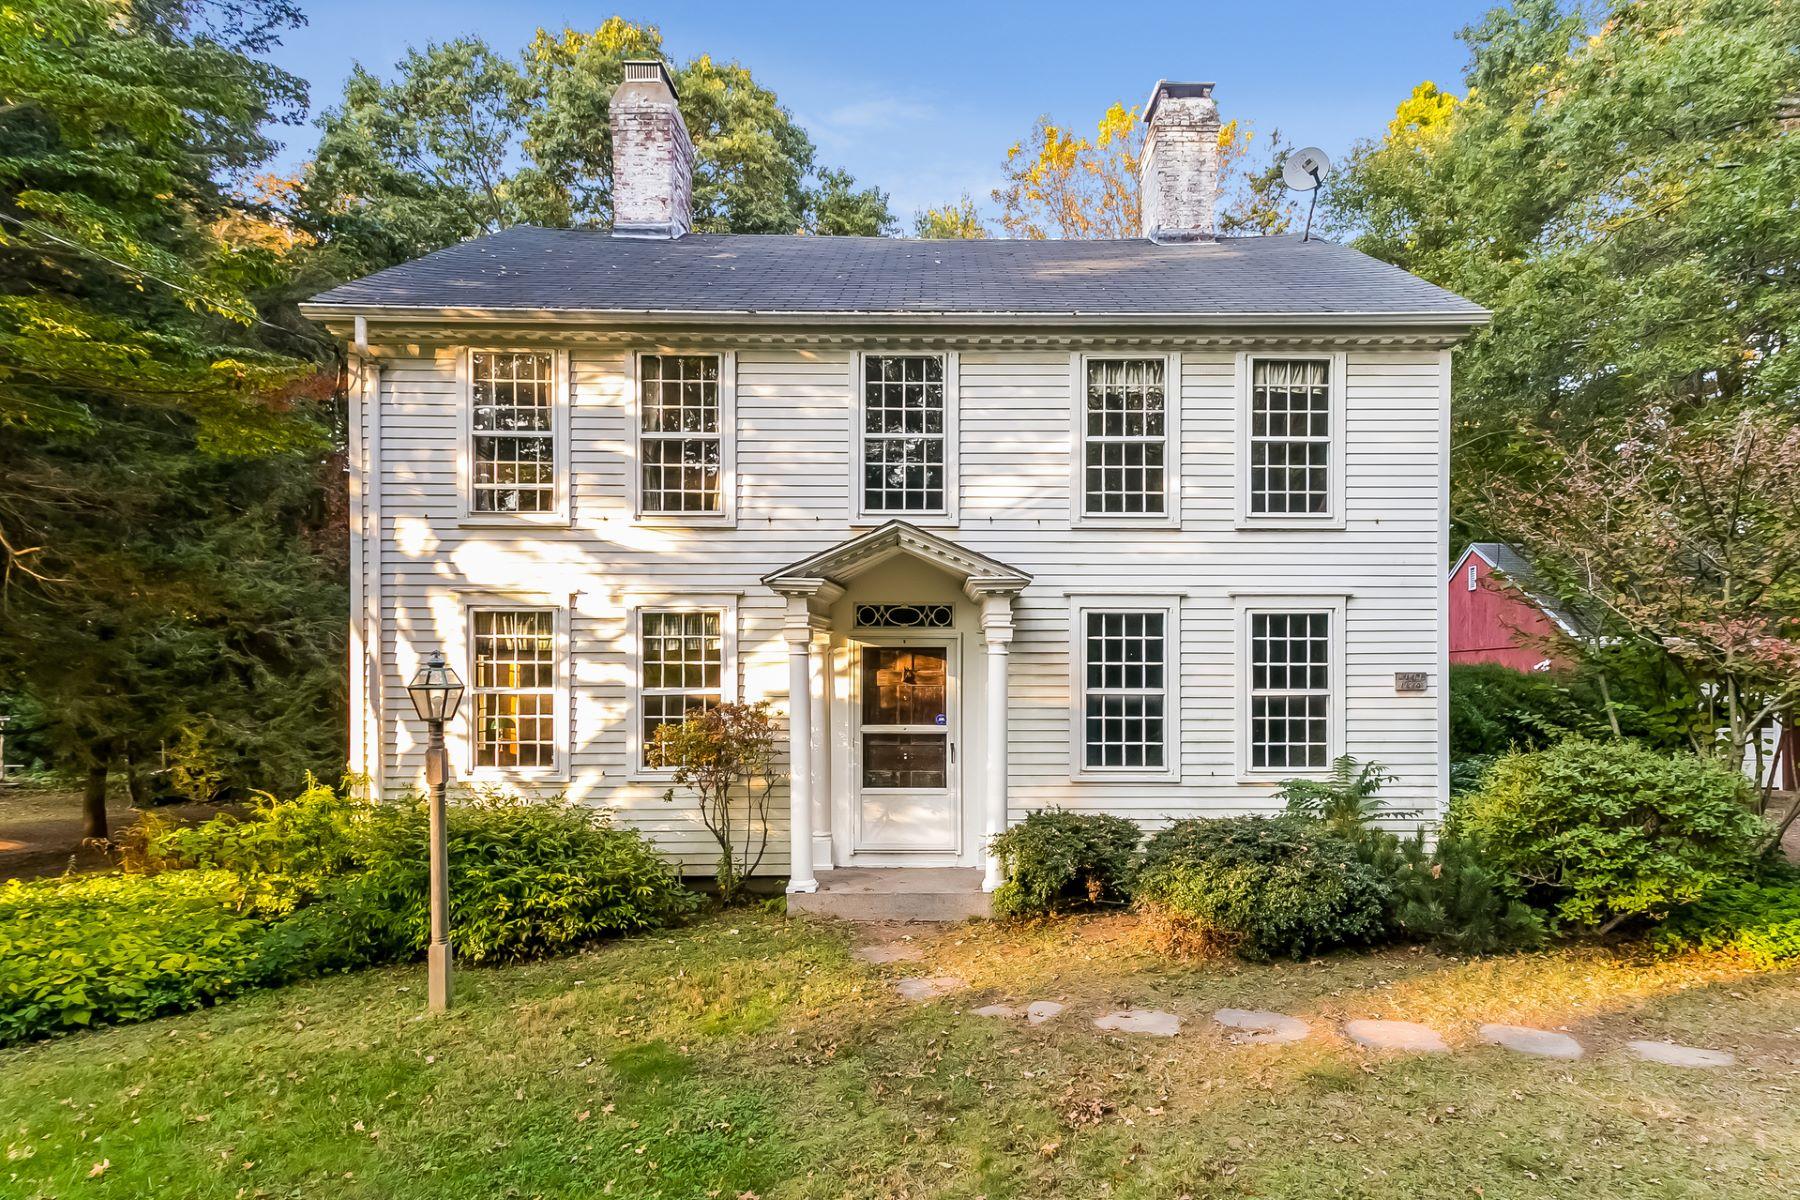 Maison unifamiliale pour l Vente à 36 Waterside Ln Clinton, Connecticut, 06413 États-Unis